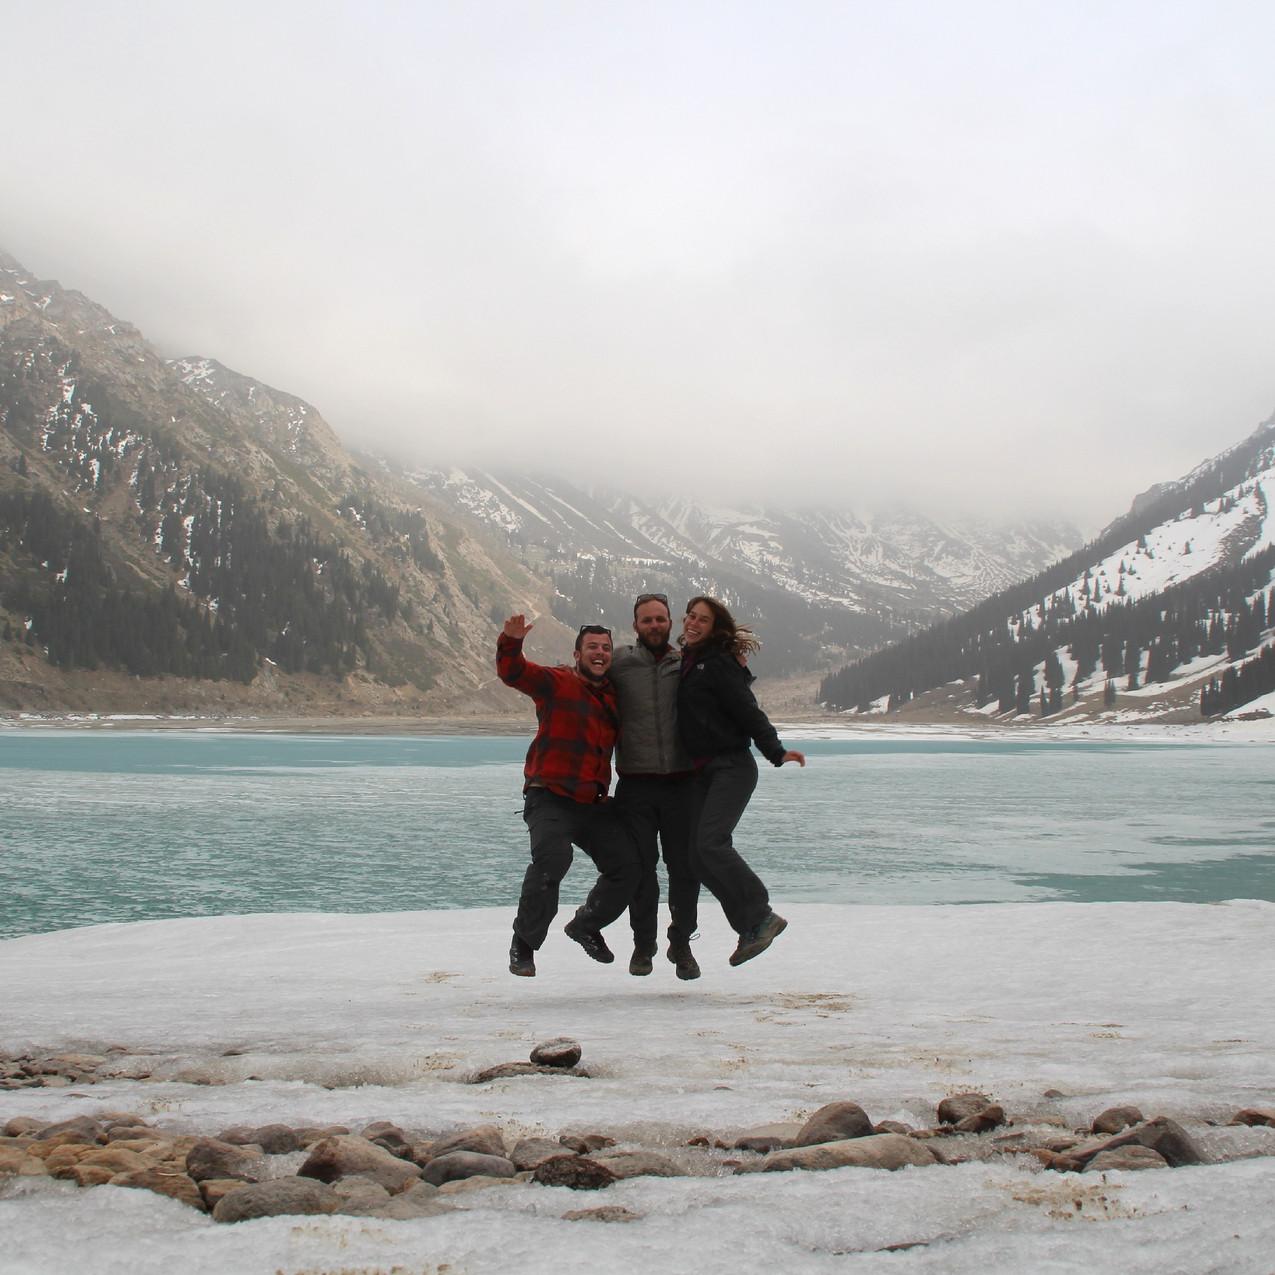 באגם אלמאטי הגדול הקפוא למחצה, בקזחסטן